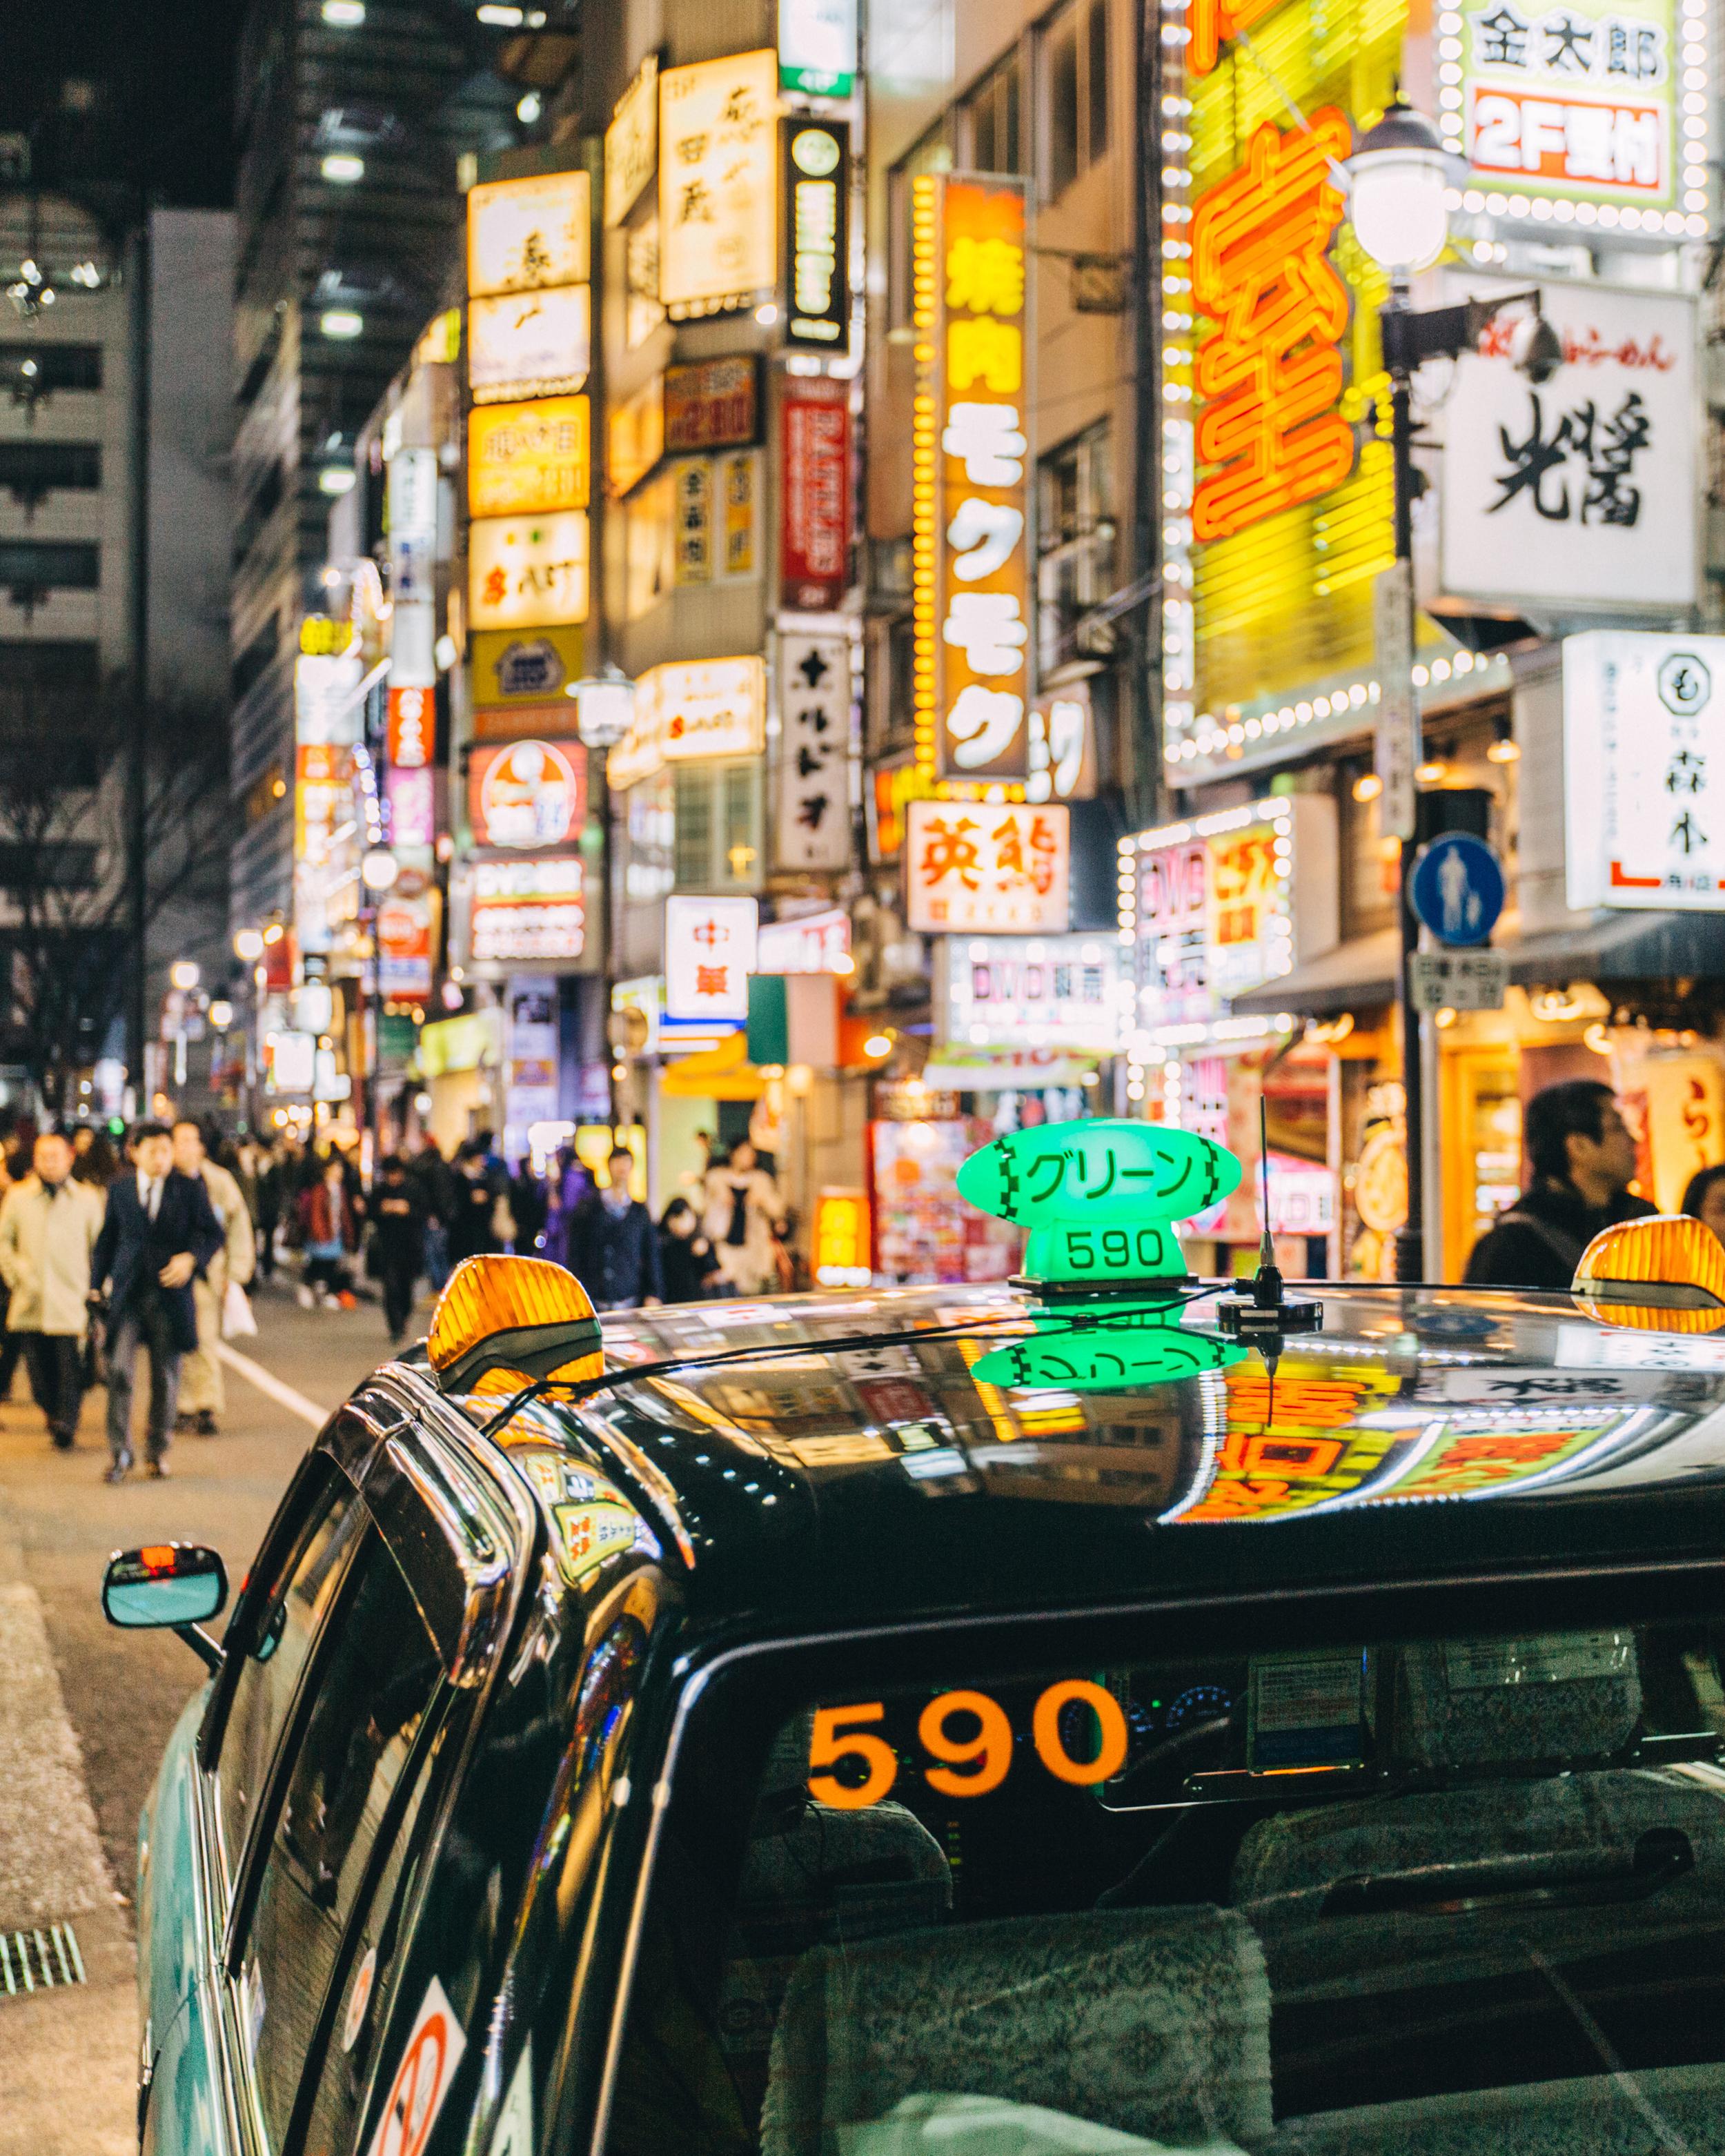 2.4.2016 - Tokyo, Bingo Sports Outside, Roppongi, Shibuya - Edited (11 of 11)45.jpg